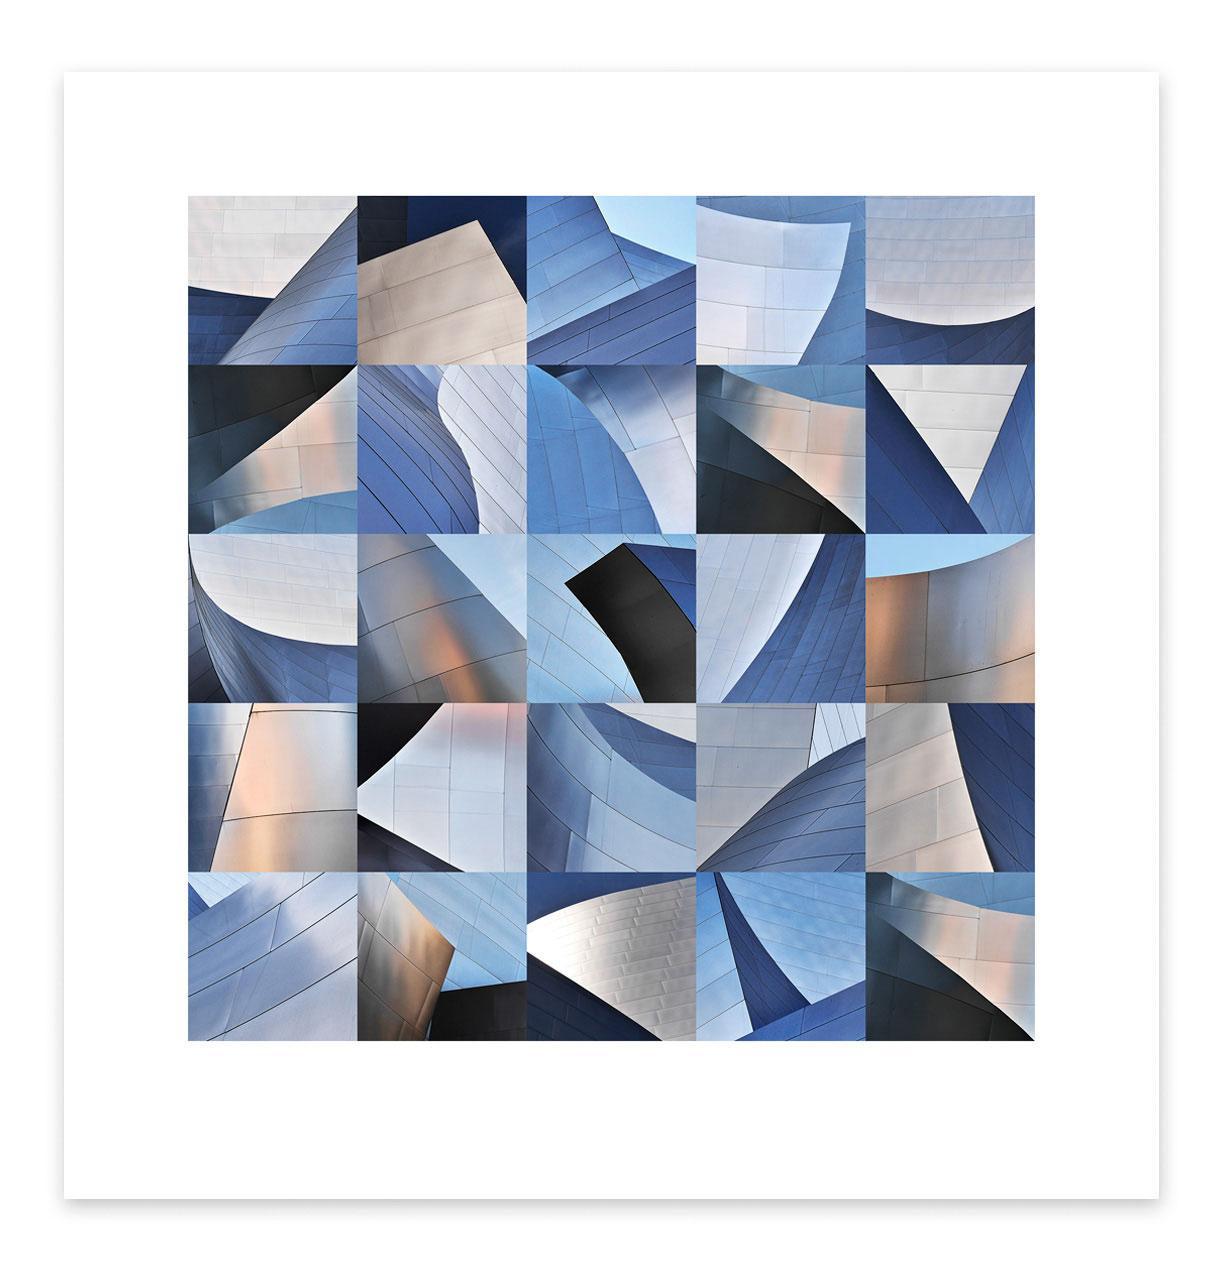 25 Gehrys